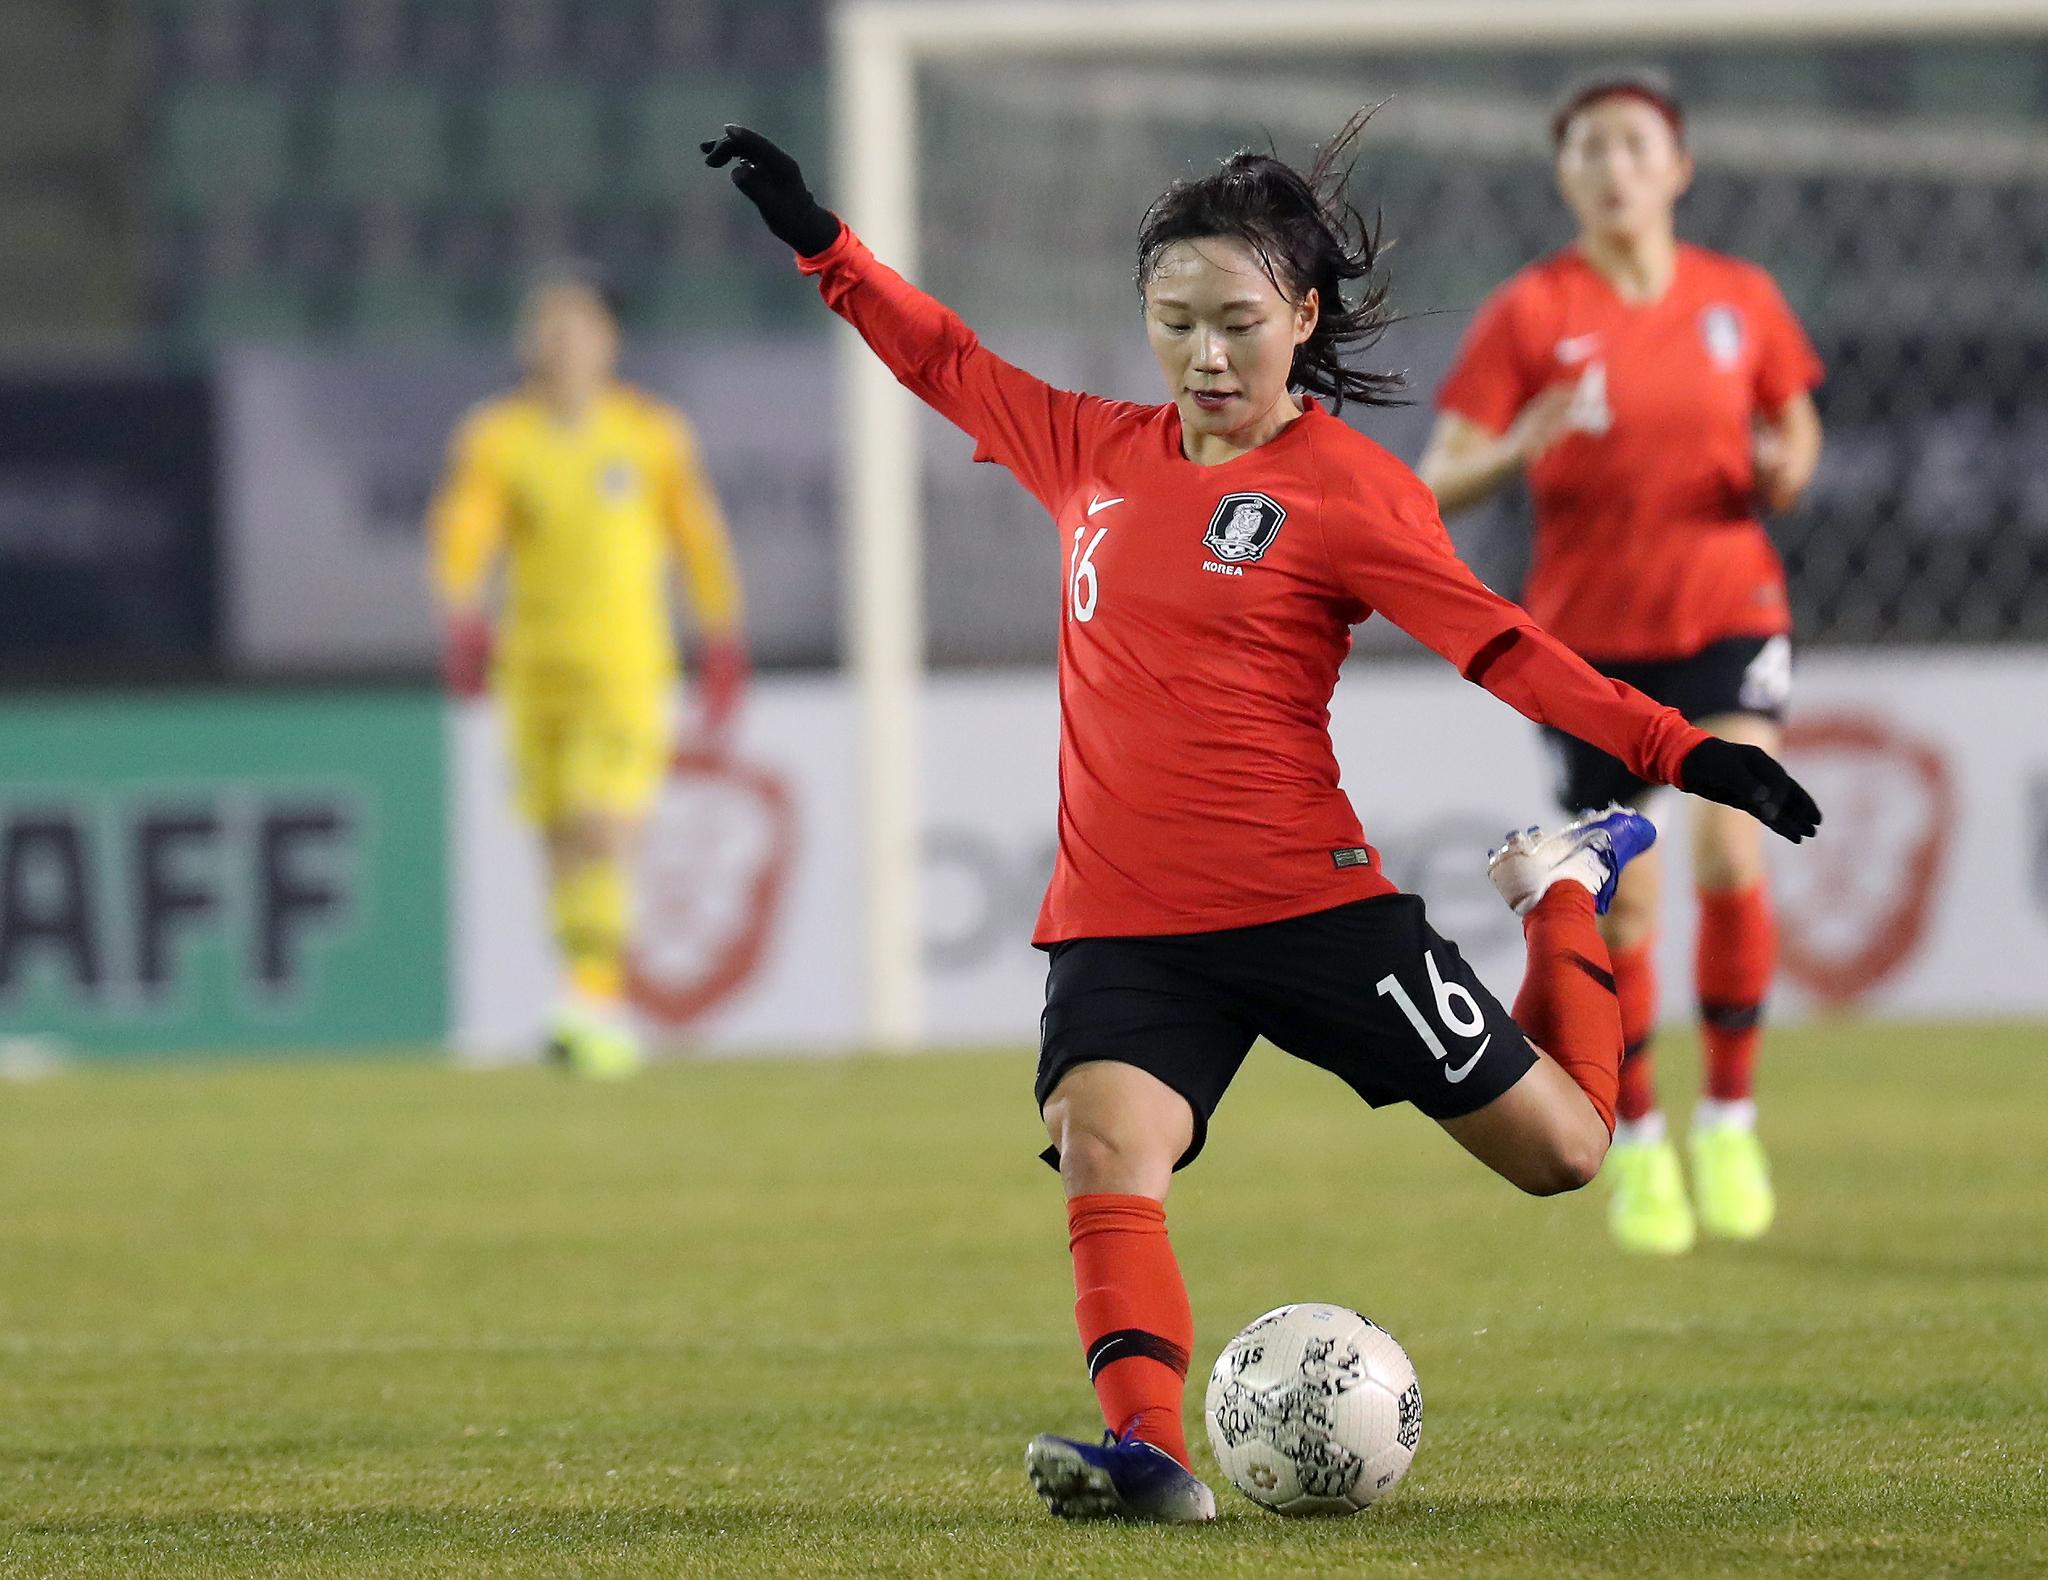 지난달 17일 부산 서구 구덕운동장에서 열린 동아시안컵 일본전에서 한국 장슬기가 패스를 시도하고 있다. [뉴스1]